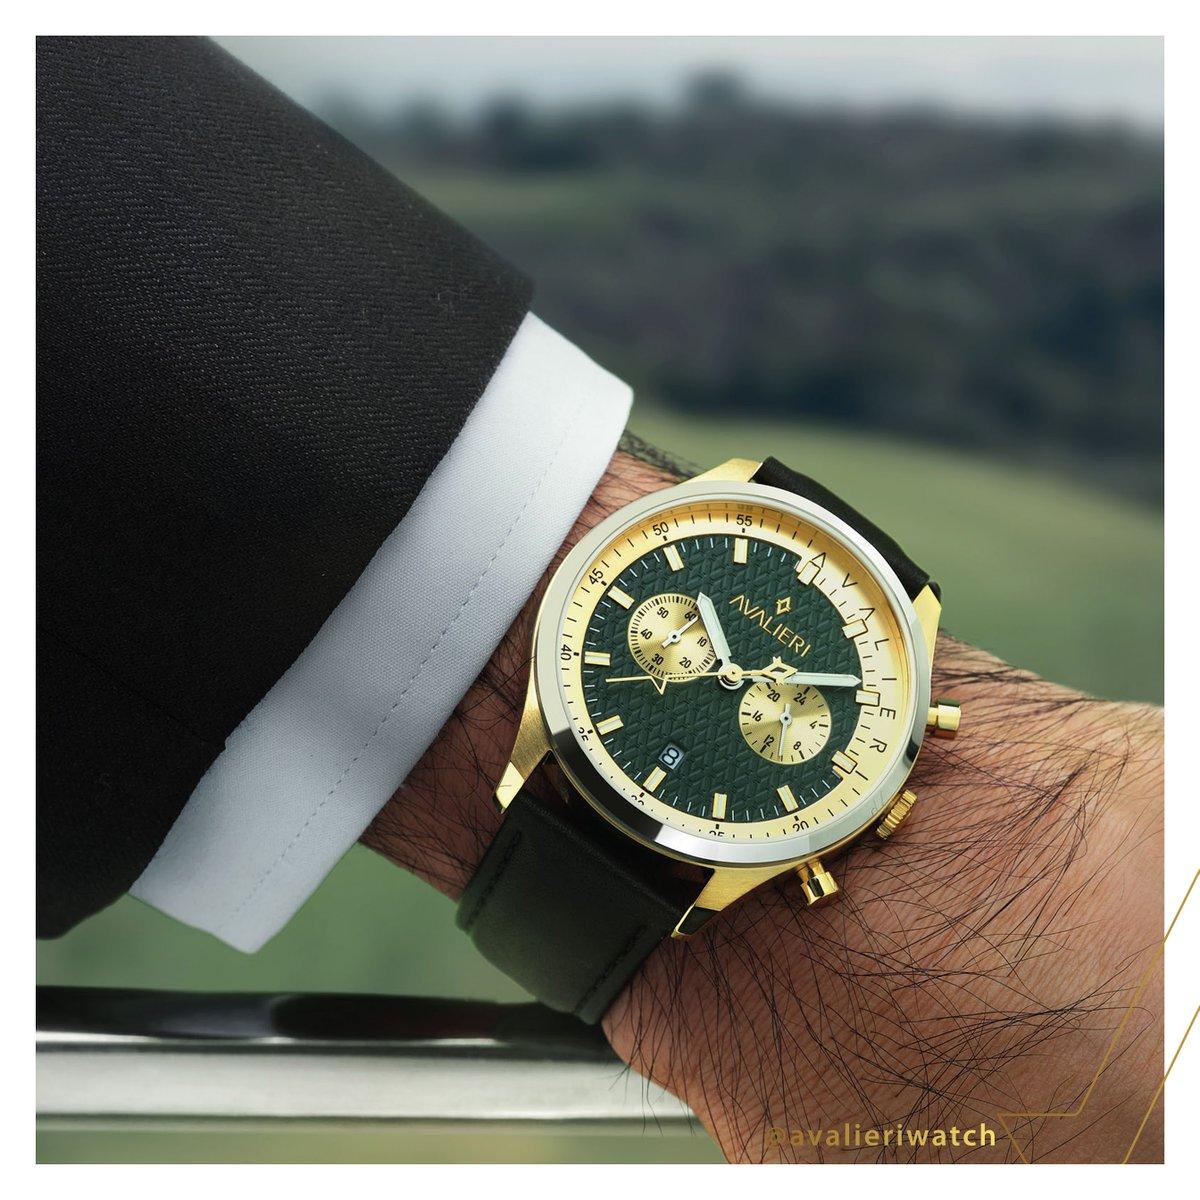 اجعل مليء بالألوان #المميزة بساعة AVALIERI الأنيقة واختر التميز دائمًا. https://t.co/ybvHrUHjEa  Make your day full of distinctive colors with the #elegant watch from AVALIERI and always choose excellency. https://t.co/eUnC4hDTh3